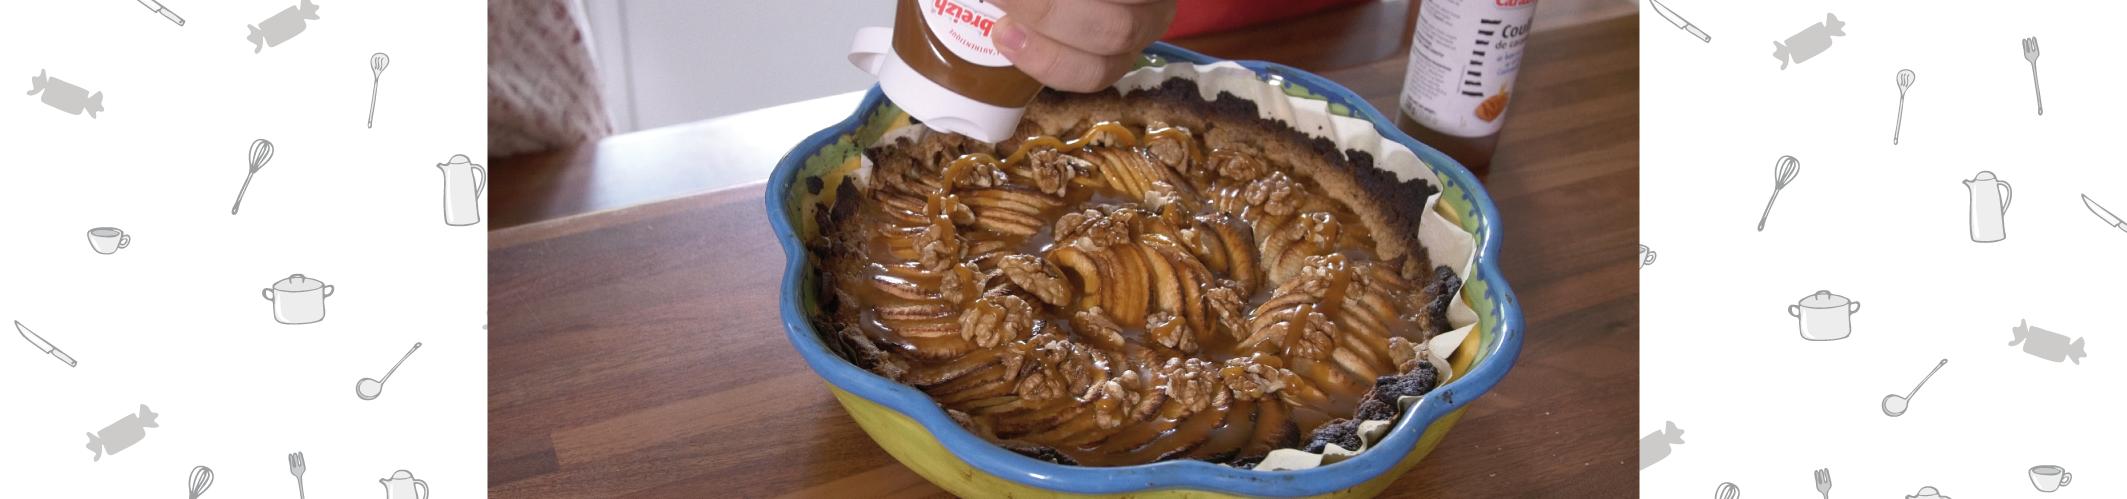 Tarte aux pommes au Coulis de caramel au beurre salé Carabreizh